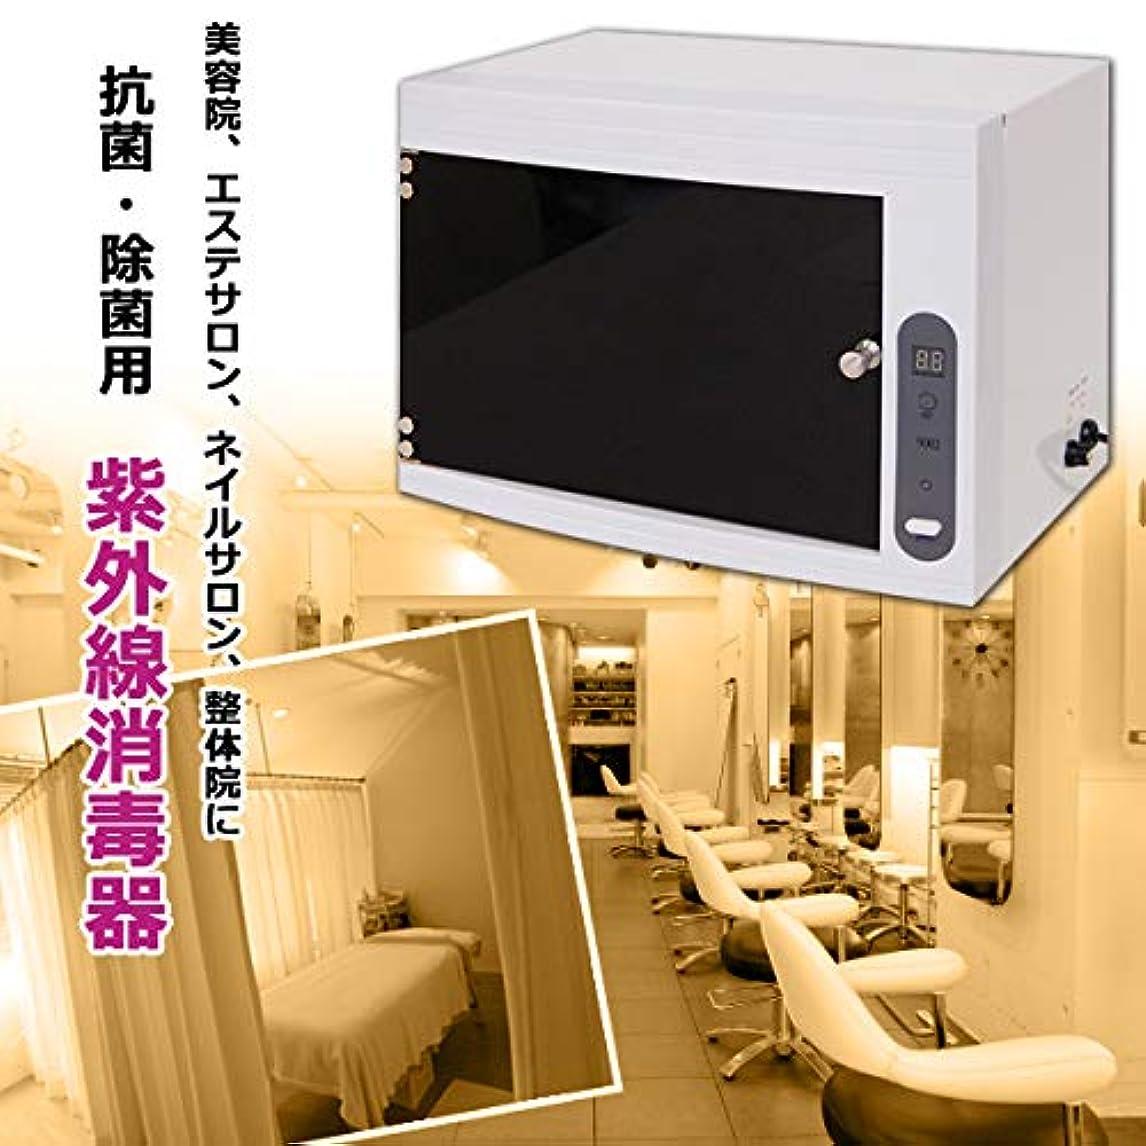 エンティティニックネーム終わらせる業務用 2段式 ステアライザー(ステリライザー)/ UV 紫外線 消毒器